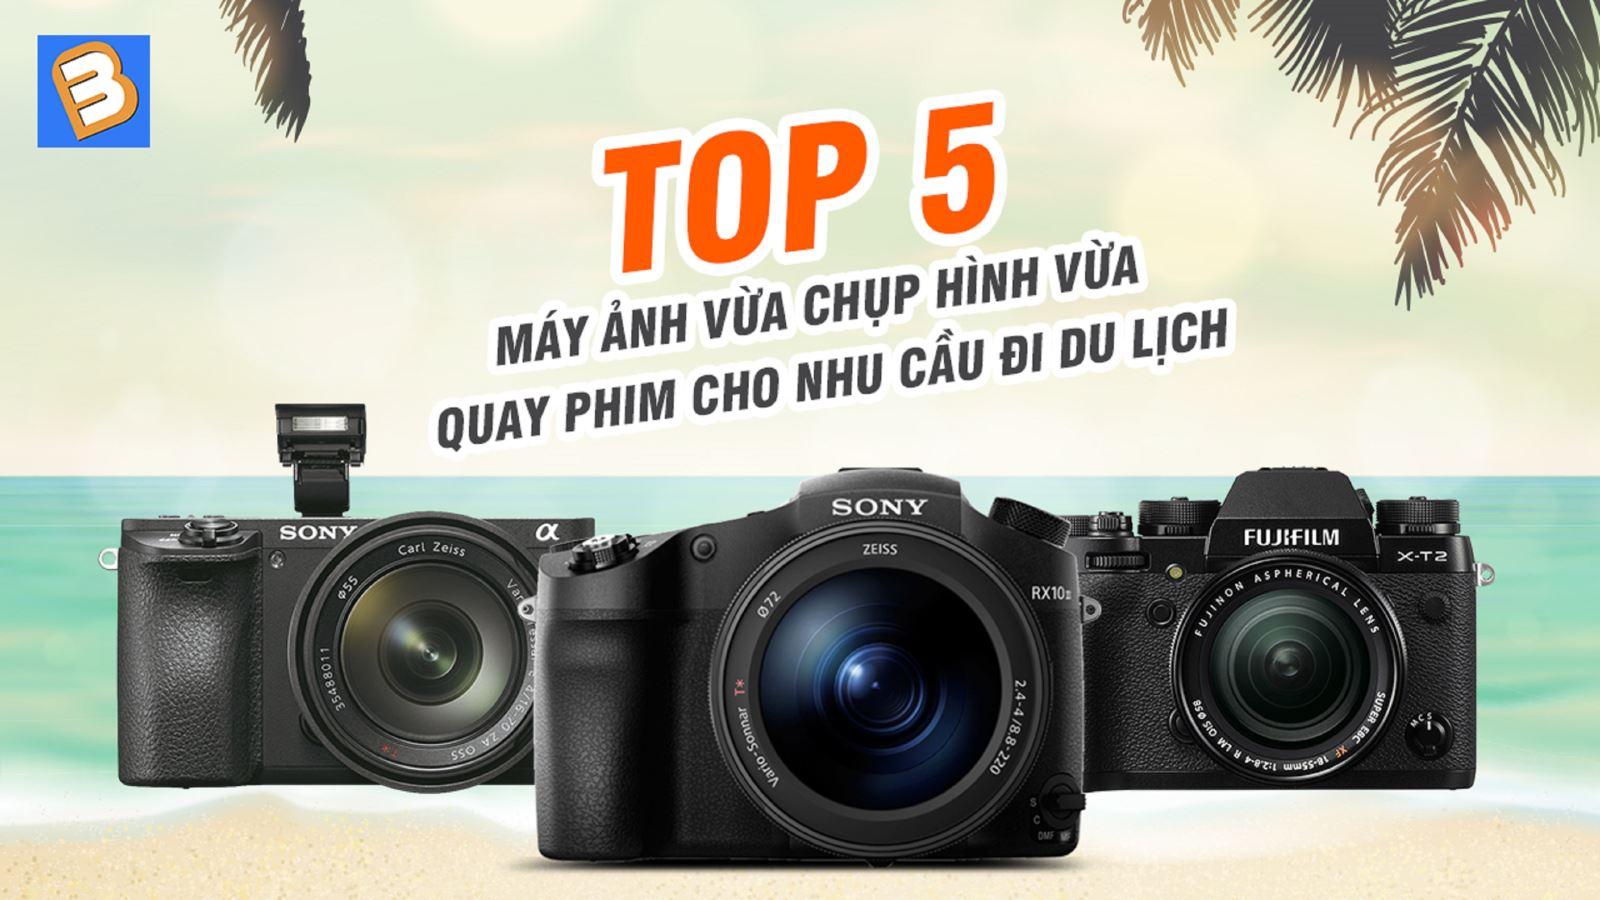 Top 5máy ảnh vừa chụp hình vừa quay phim cho nhu cầu đi du lịch